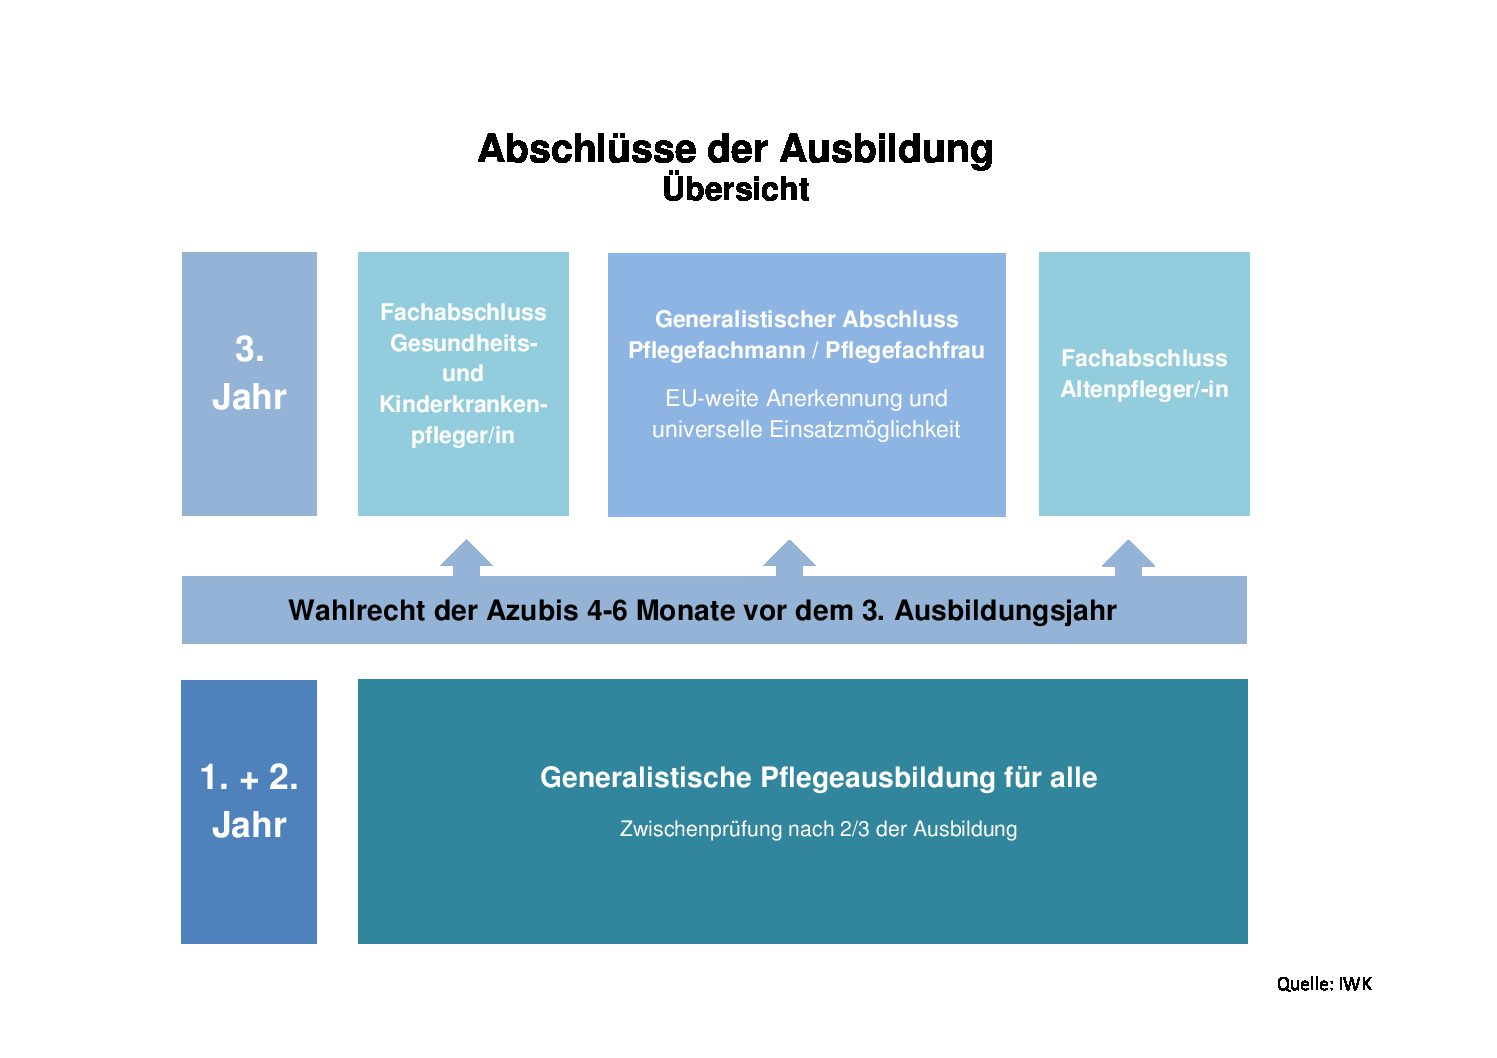 Die Neue Generalistische Pflegeausbildung Ab 01.01.2020